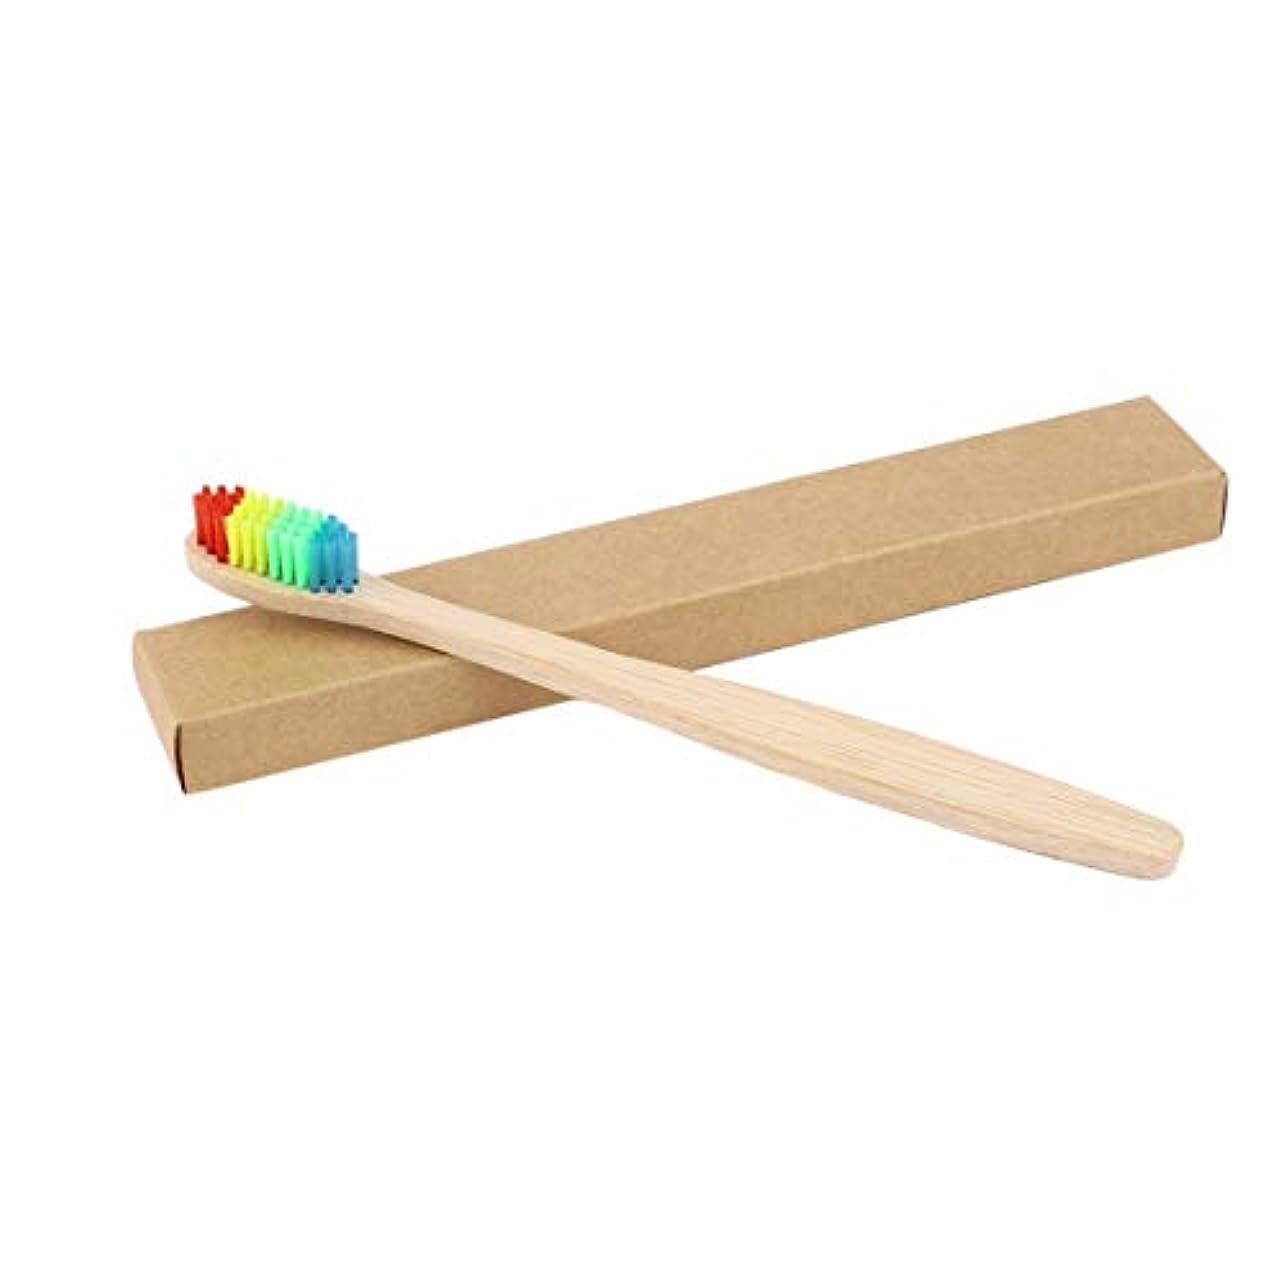 マインドアルバニーアッパーカラフルな髪+竹のハンドル歯ブラシ環境木製の虹竹の歯ブラシオーラルケアソフト剛毛ユニセックス - ウッドカラー+カラフル